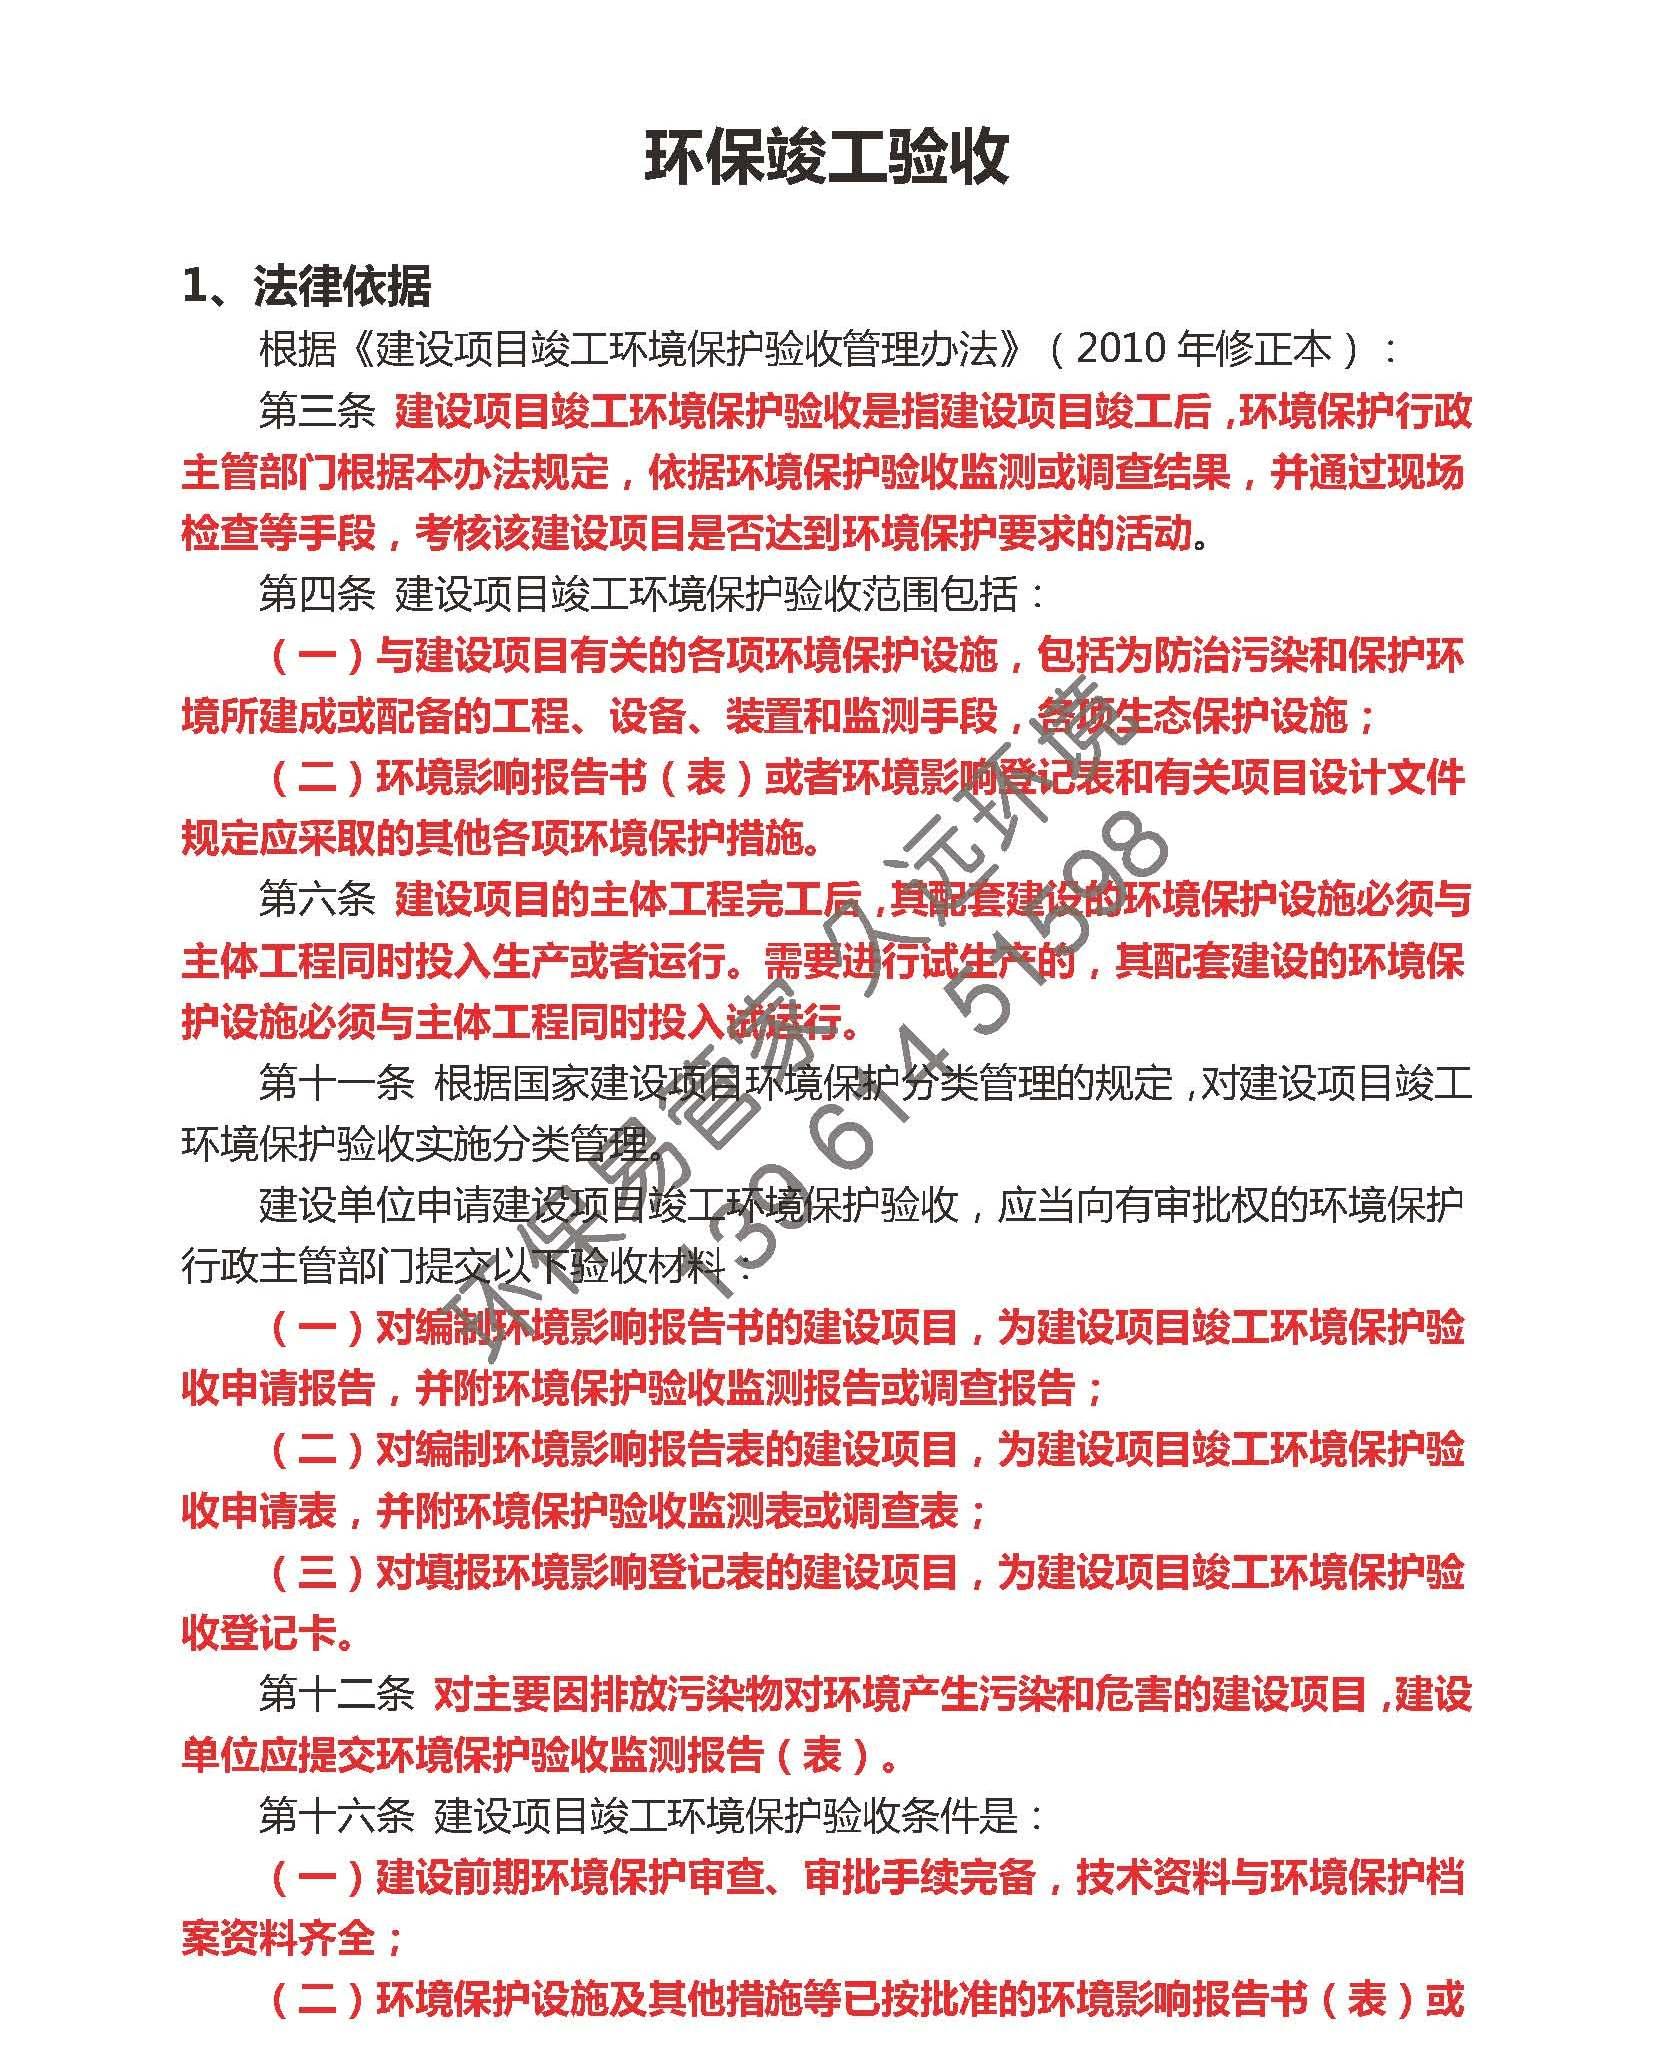 lovebet爱博下载竣工验收 文字材料_页面_1